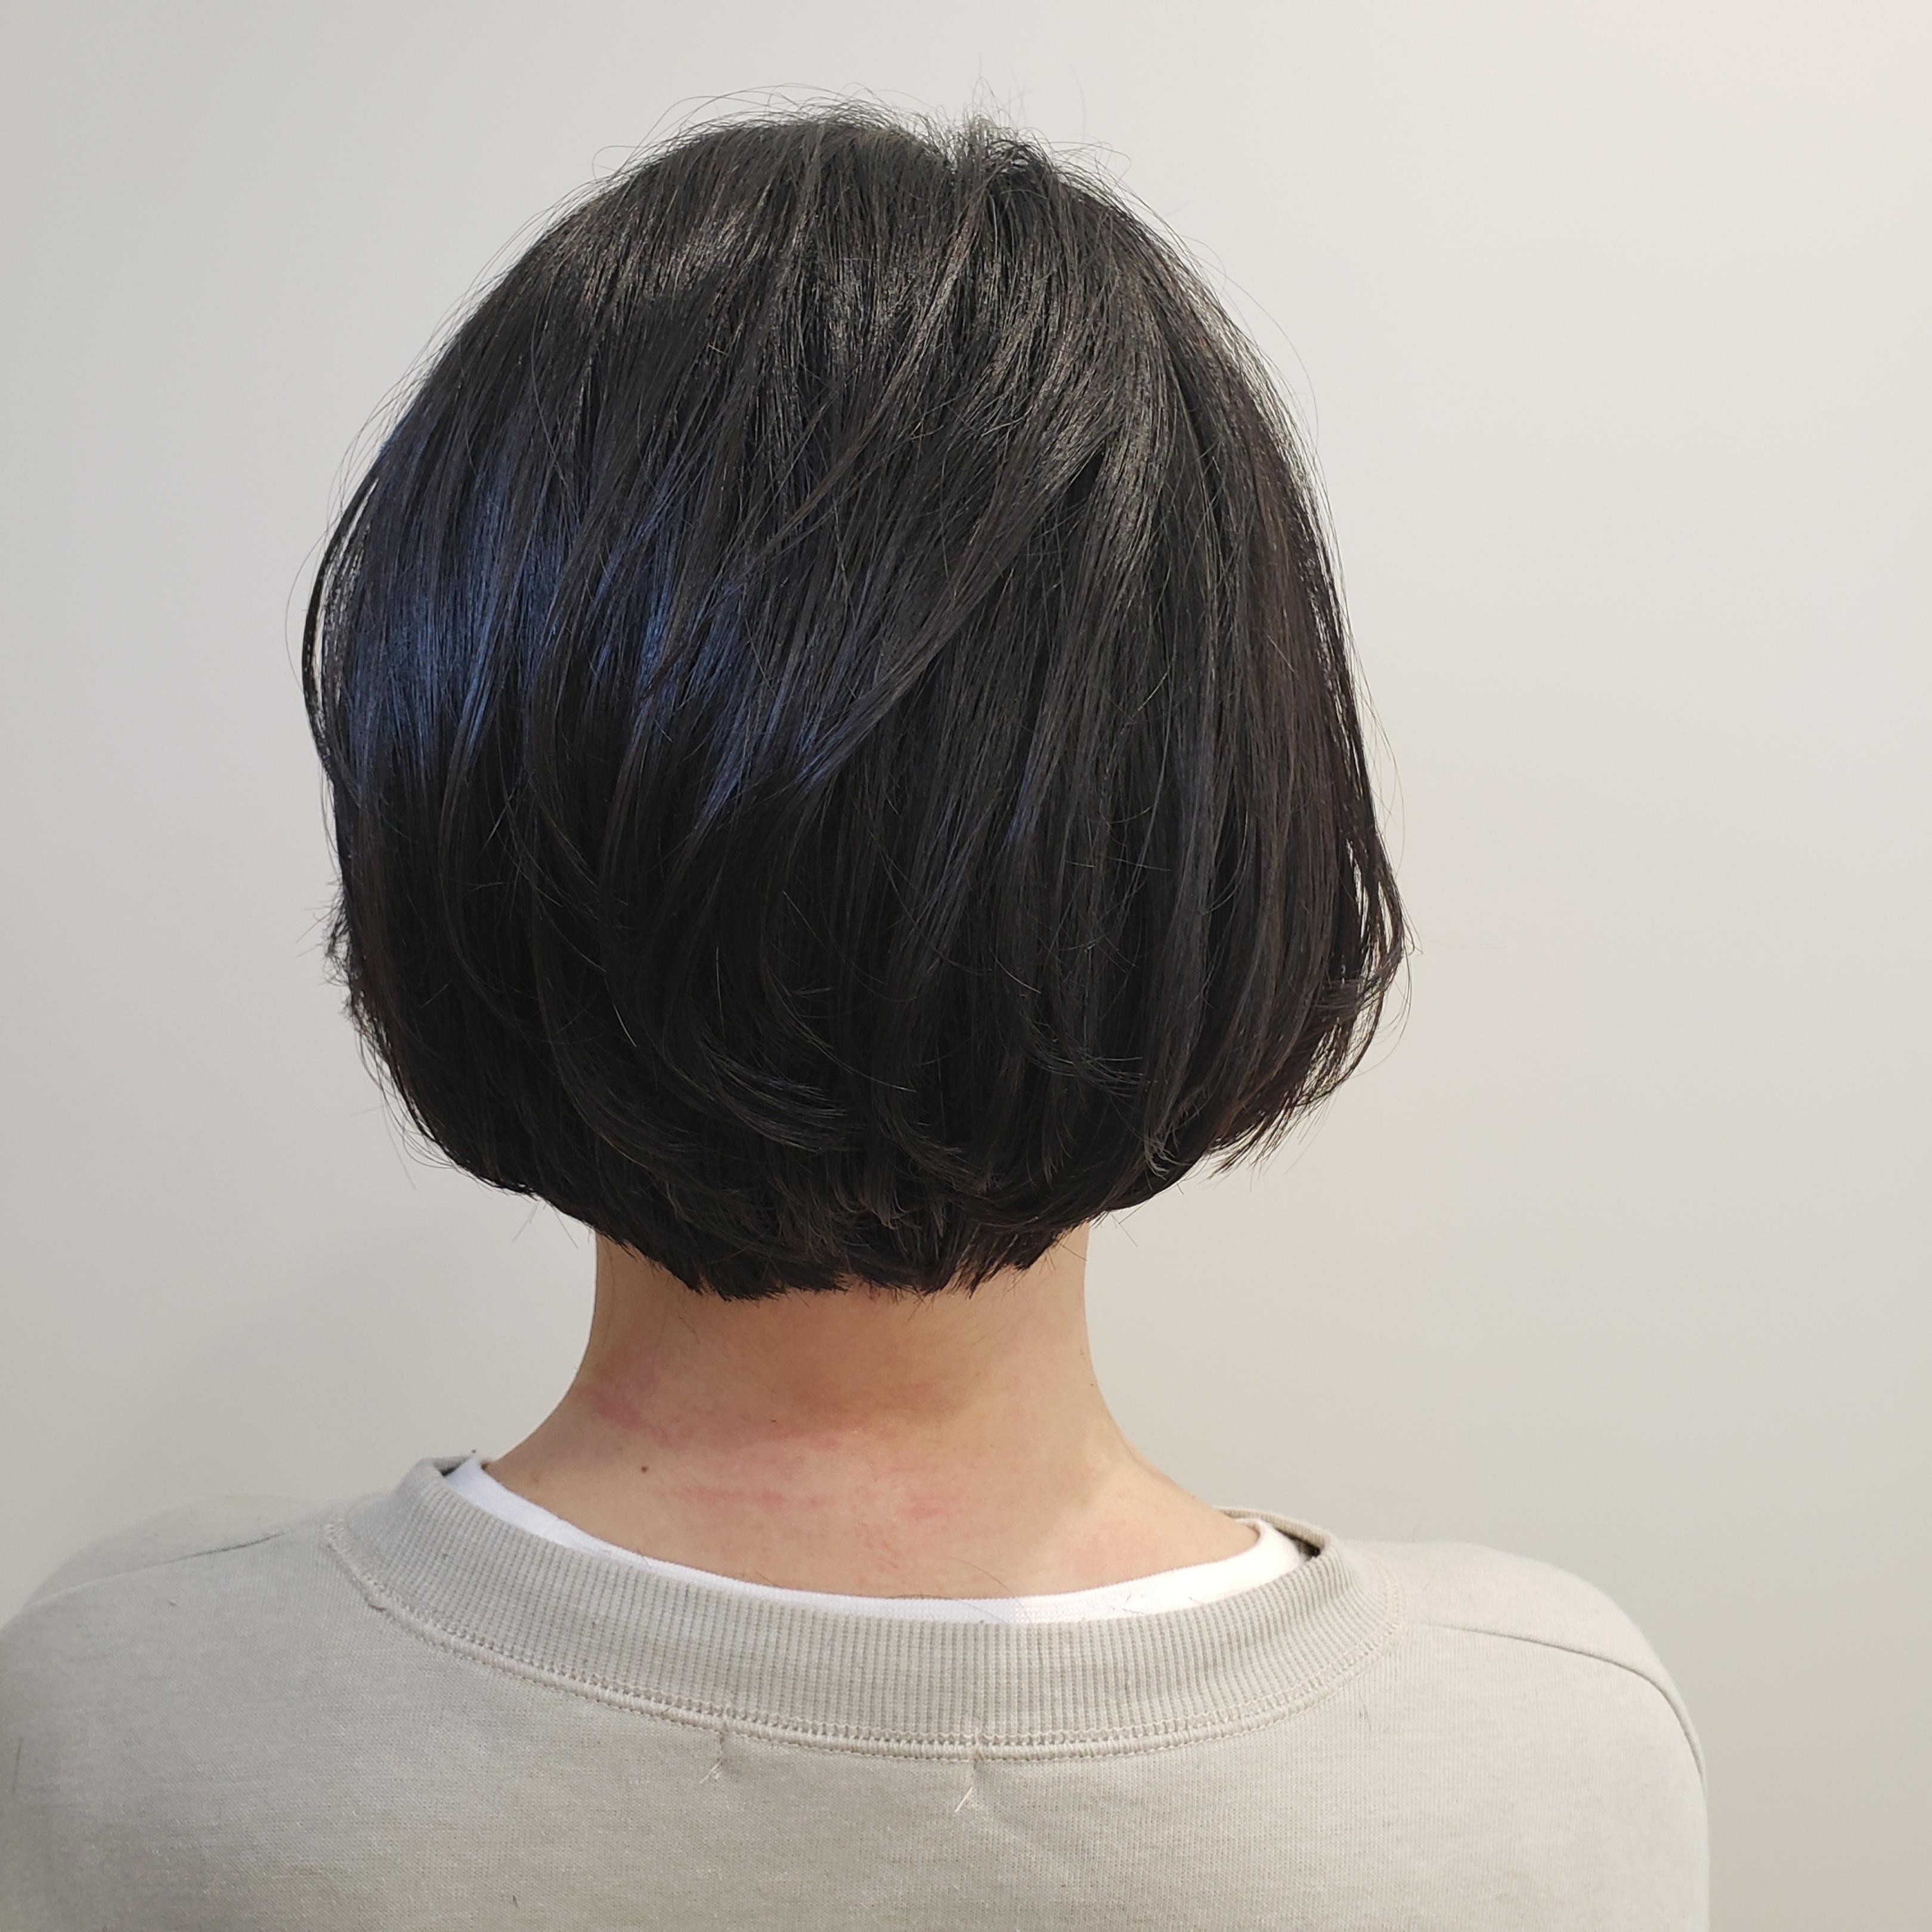 40代の大人女性に人気な髪型の大人可愛いボブがおすすめな理由は?